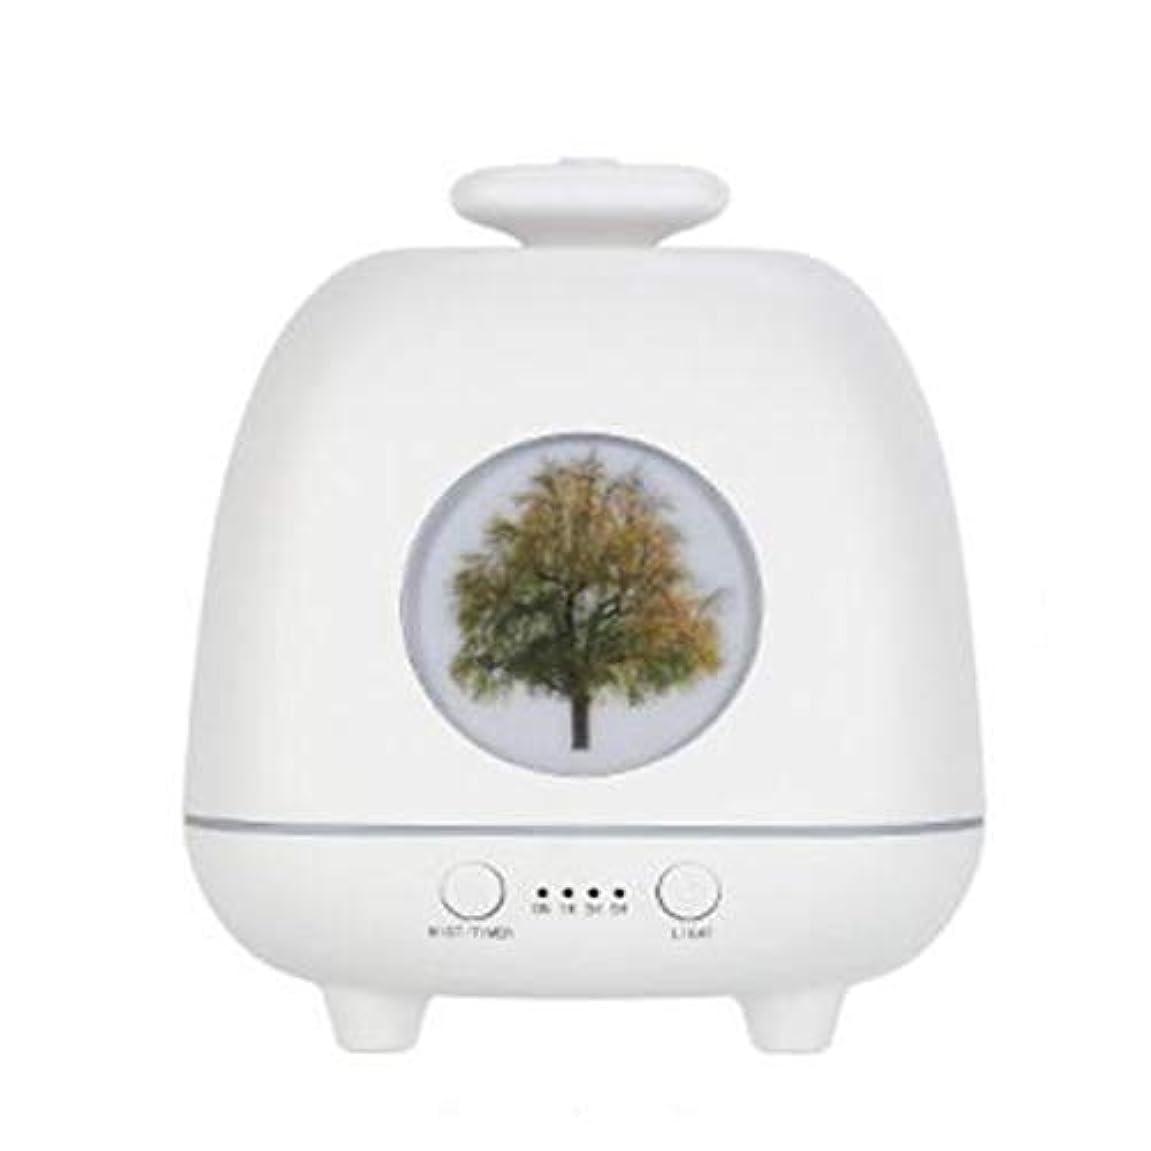 前奏曲勧める経験者涼しい霧 香り 精油 ディフューザー,7 色 空気を浄化 4穴ノズル 加湿器 時間 加湿機 ホーム Yoga デスク オフィス ベッド- 230ml